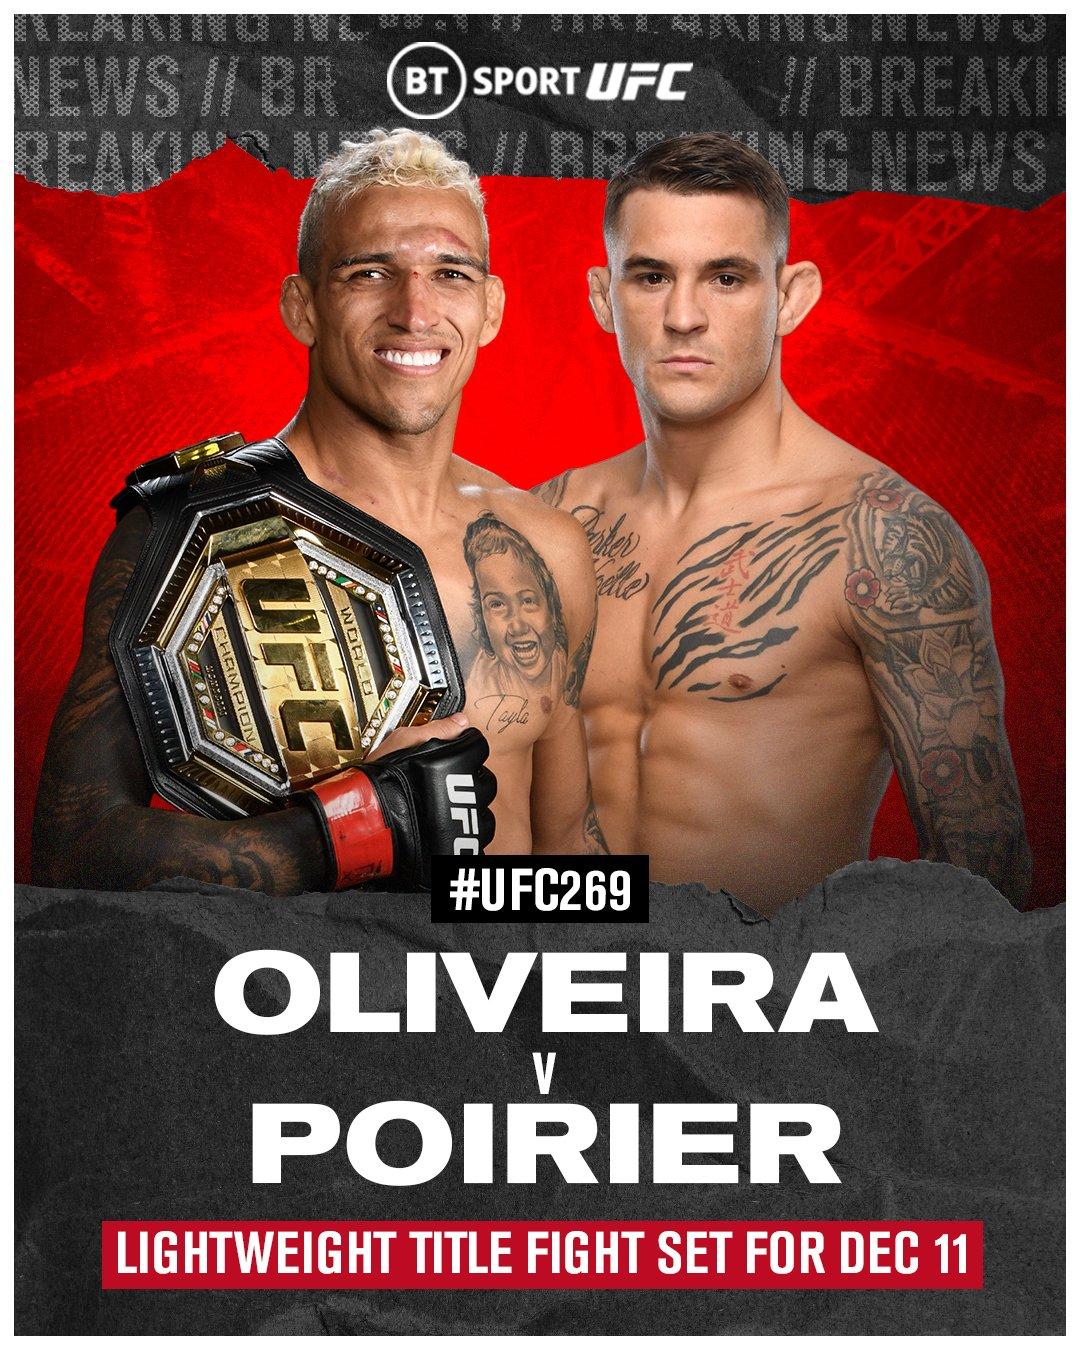 Trận tranh đai vô địch giữa Oliveira (phải) với Poirier đang làm nức lòng làng MMA thế giới.